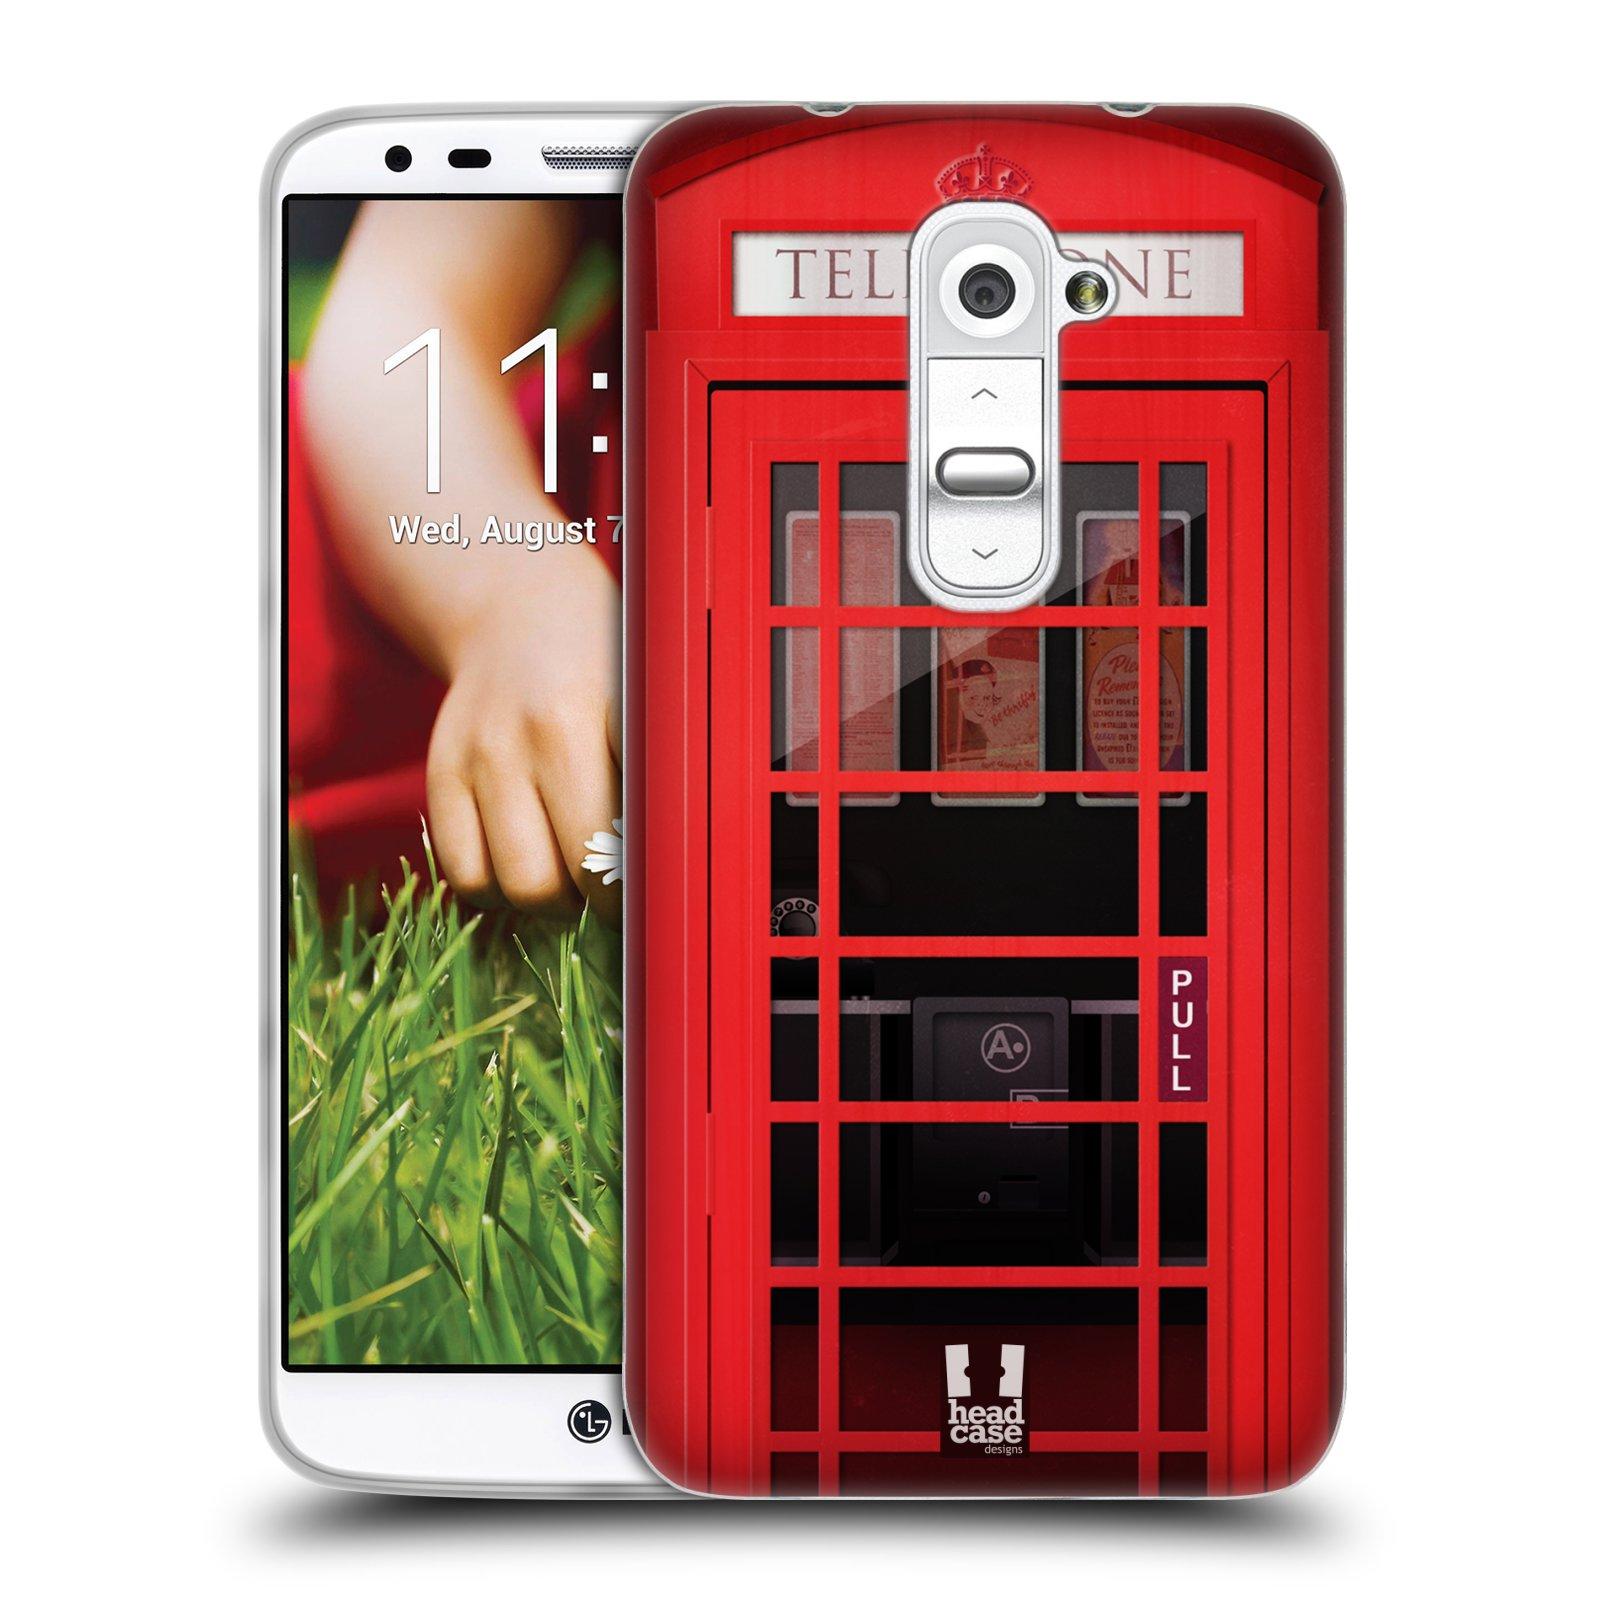 Silikonové pouzdro na mobil LG G2 HEAD CASE TELEFONNÍ BUDKA